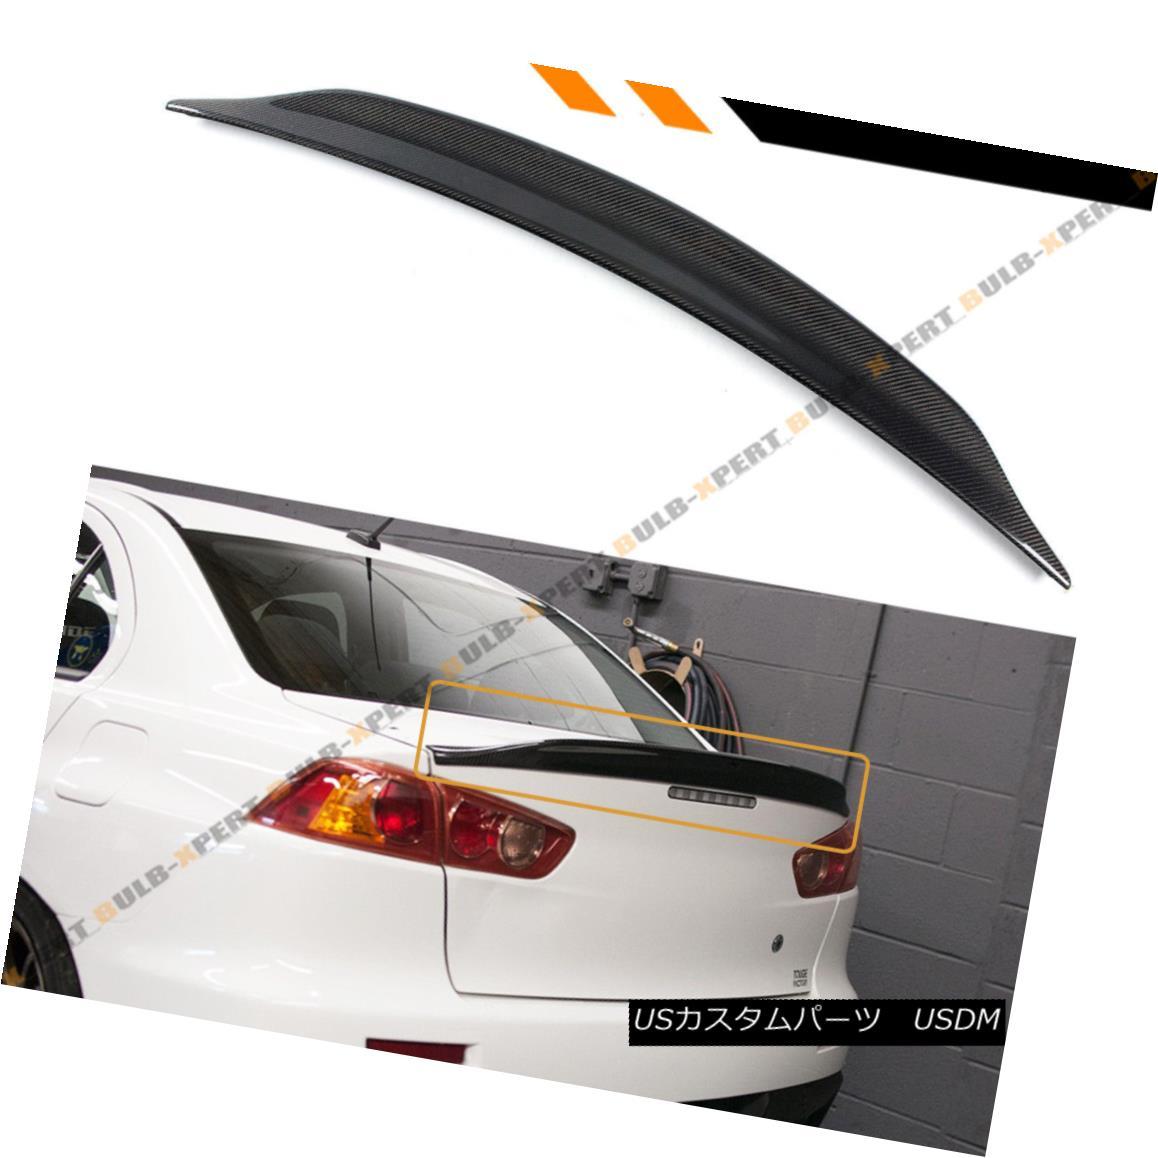 エアロパーツ For 08-17 Mitsubishi Lancer EVO 10 Duckbill Highkick Carbon Fiber Trunk Spoiler 08-17三菱ランサーEVO 10 Duckbill Highkickカーボンファイバートランク・スポイラー